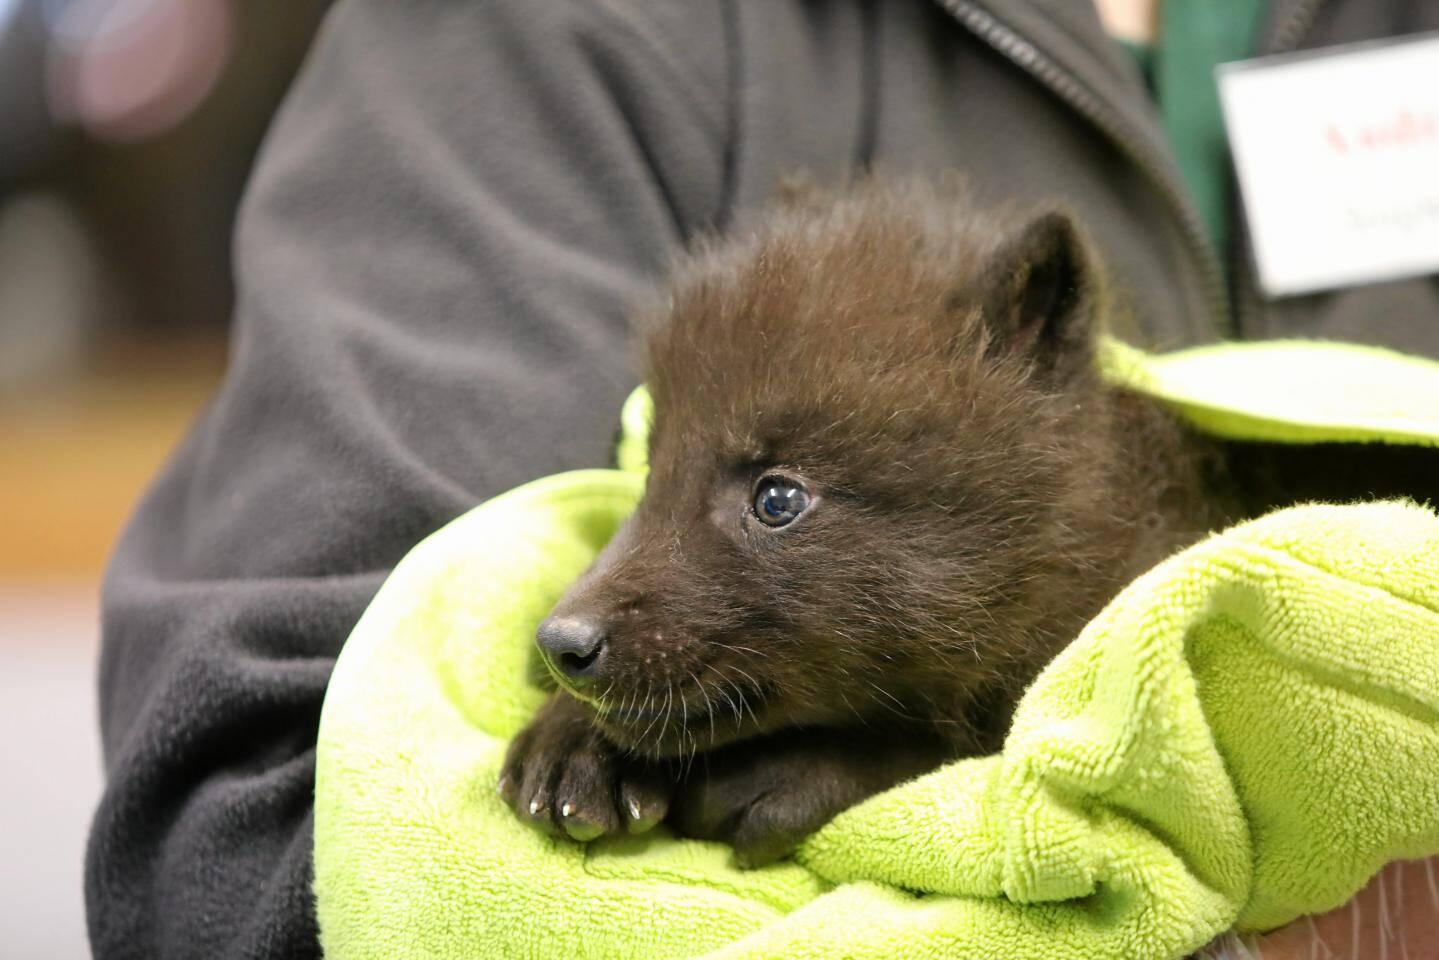 À l'âge adulte, un loup de race canadienne peut atteindre les 80kg